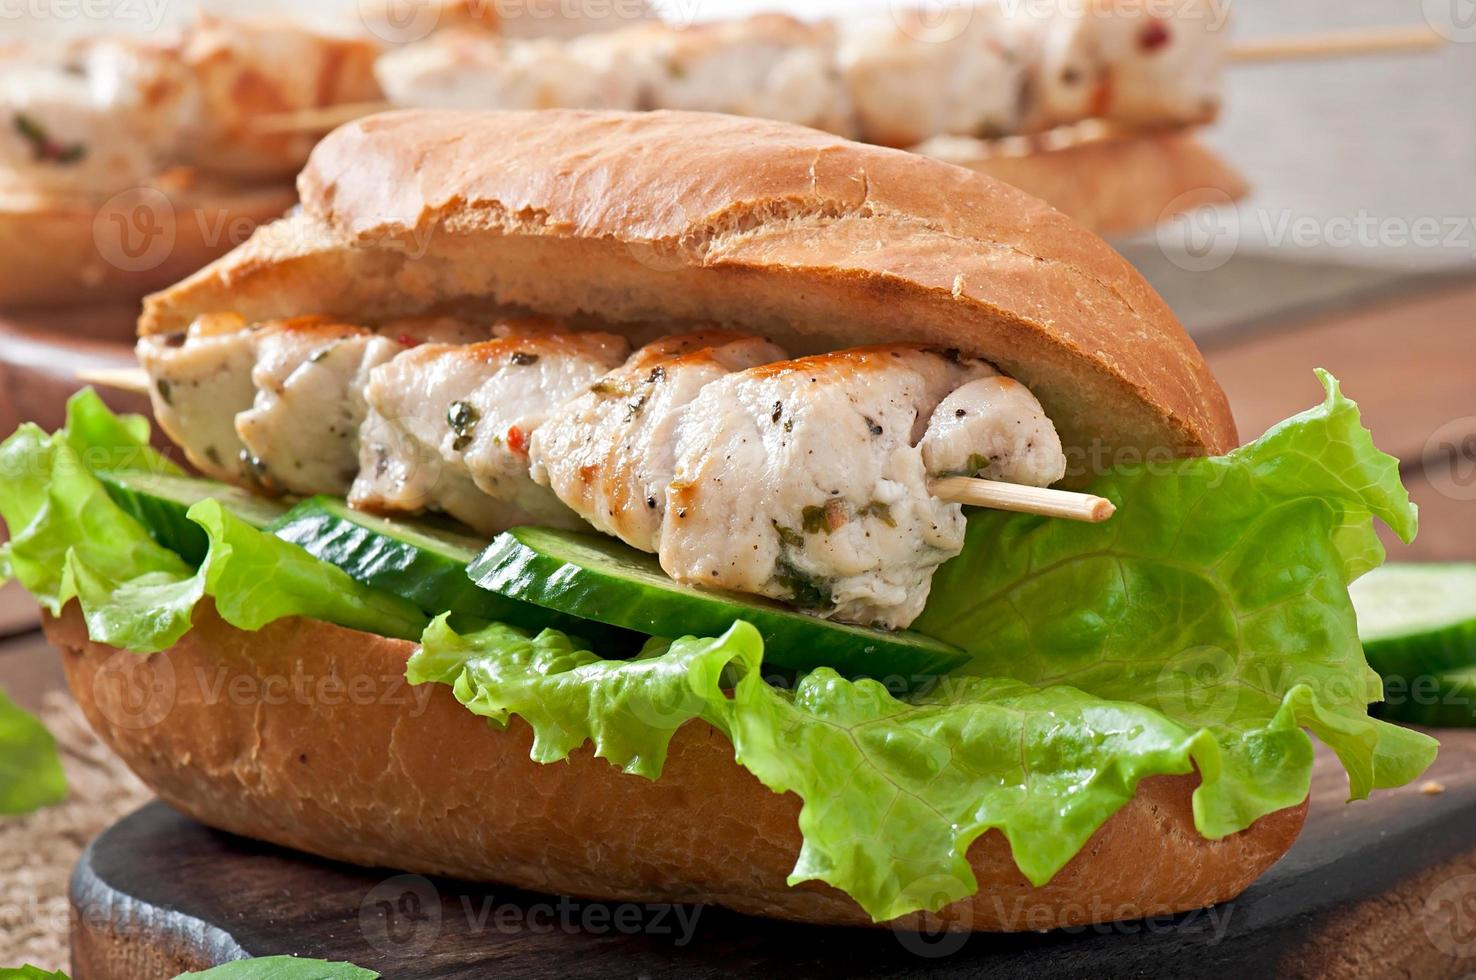 grande sandwich con kebab di pollo e lattuga foto